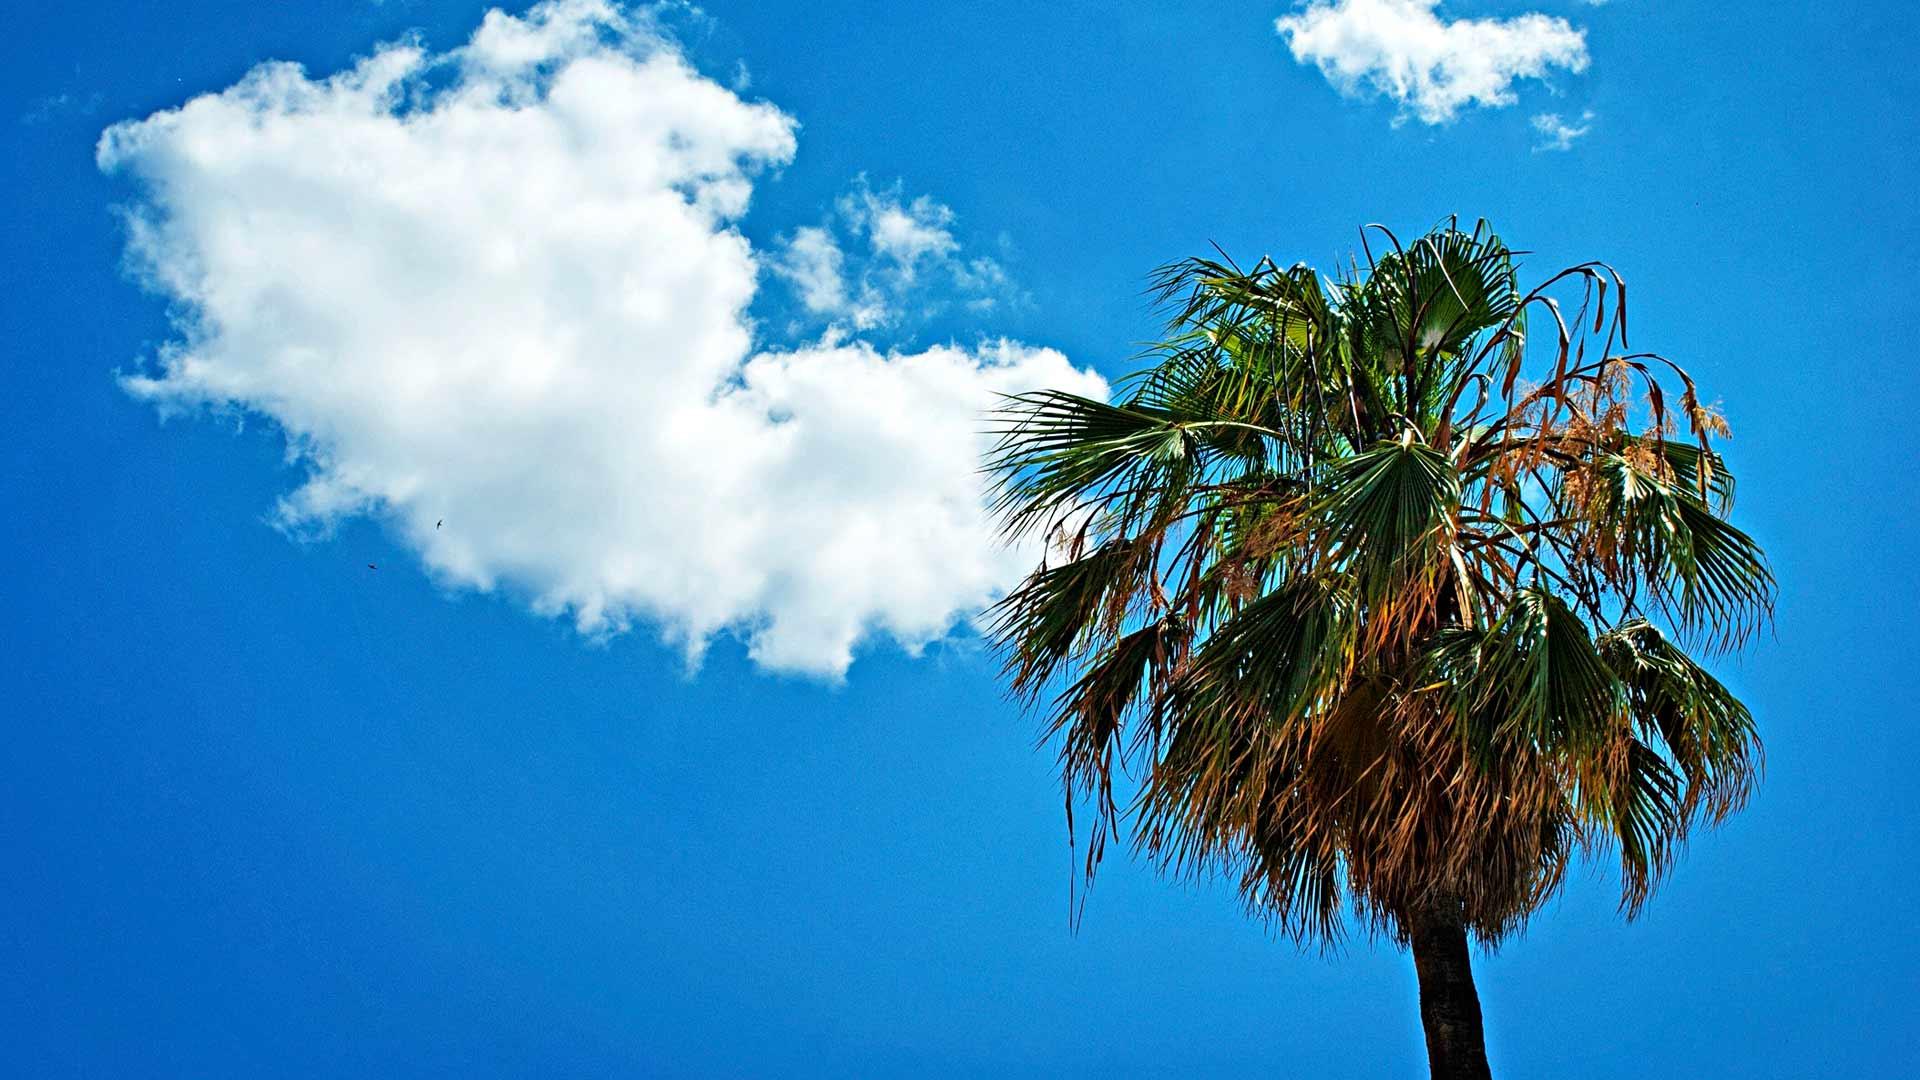 Vuorotteluvapaa vei toisiin maisemiin. Espanjan auringossa Markku Aalto on analysoinut, miten elämä pitäisi elää toisin. Kuva:Miia Marjamäki